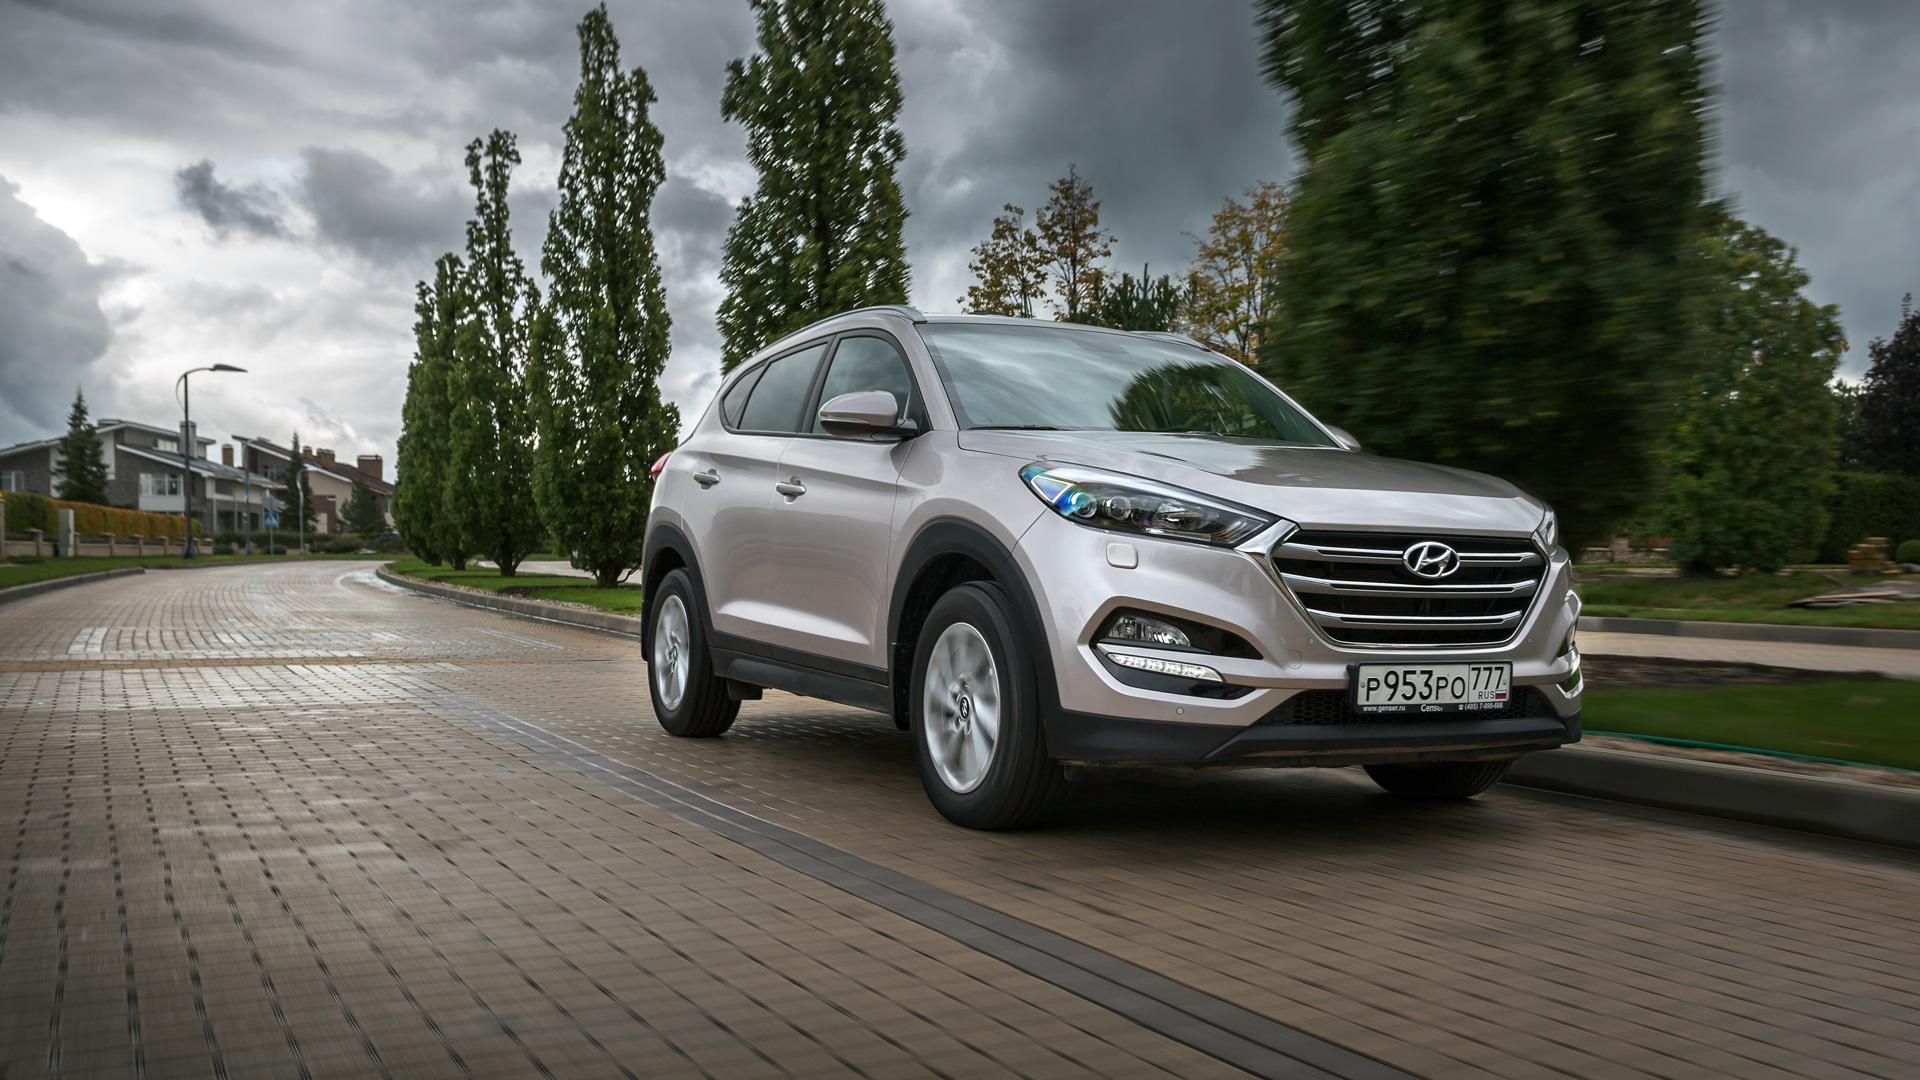 Длительный тест Hyundai Tucson: первые впечатления. Фото 3